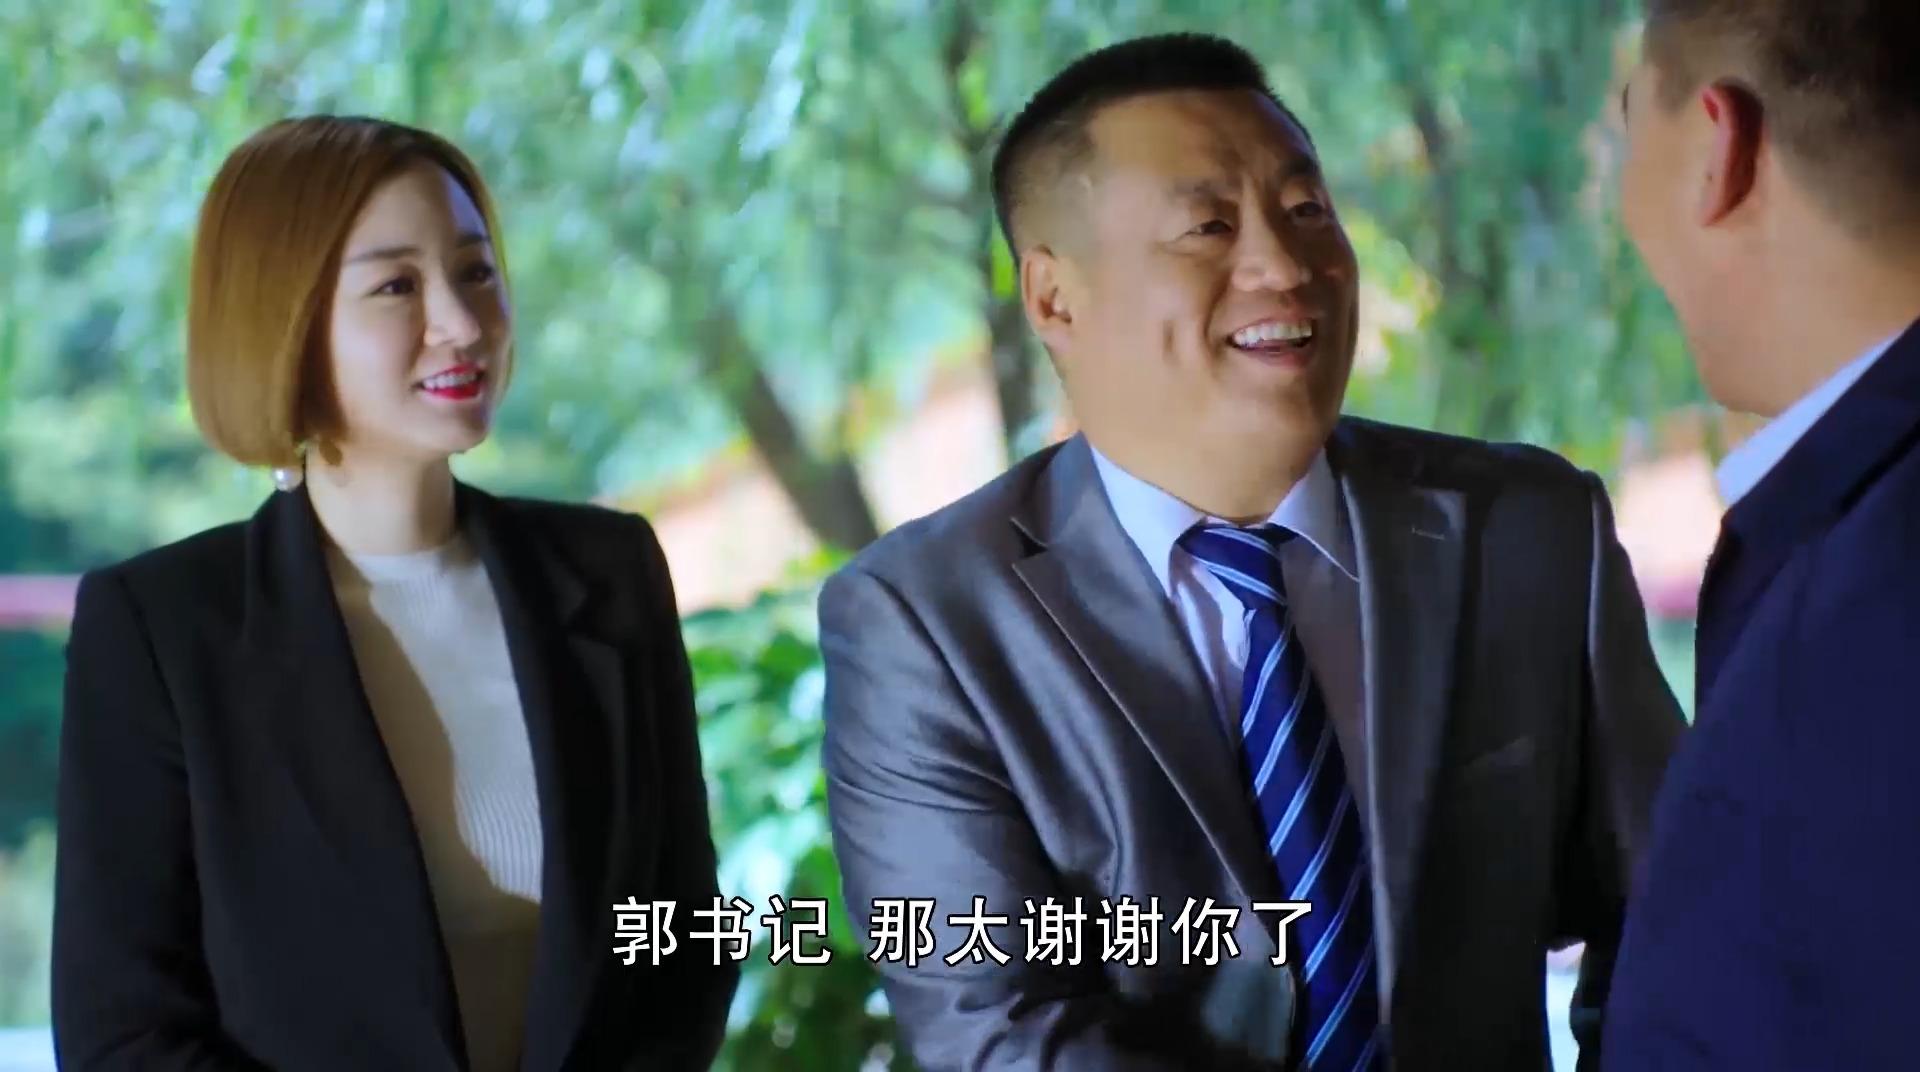 乡村爱情9:郭书记要给晓峰的山庄引进人才,这下把晓峰高兴坏了